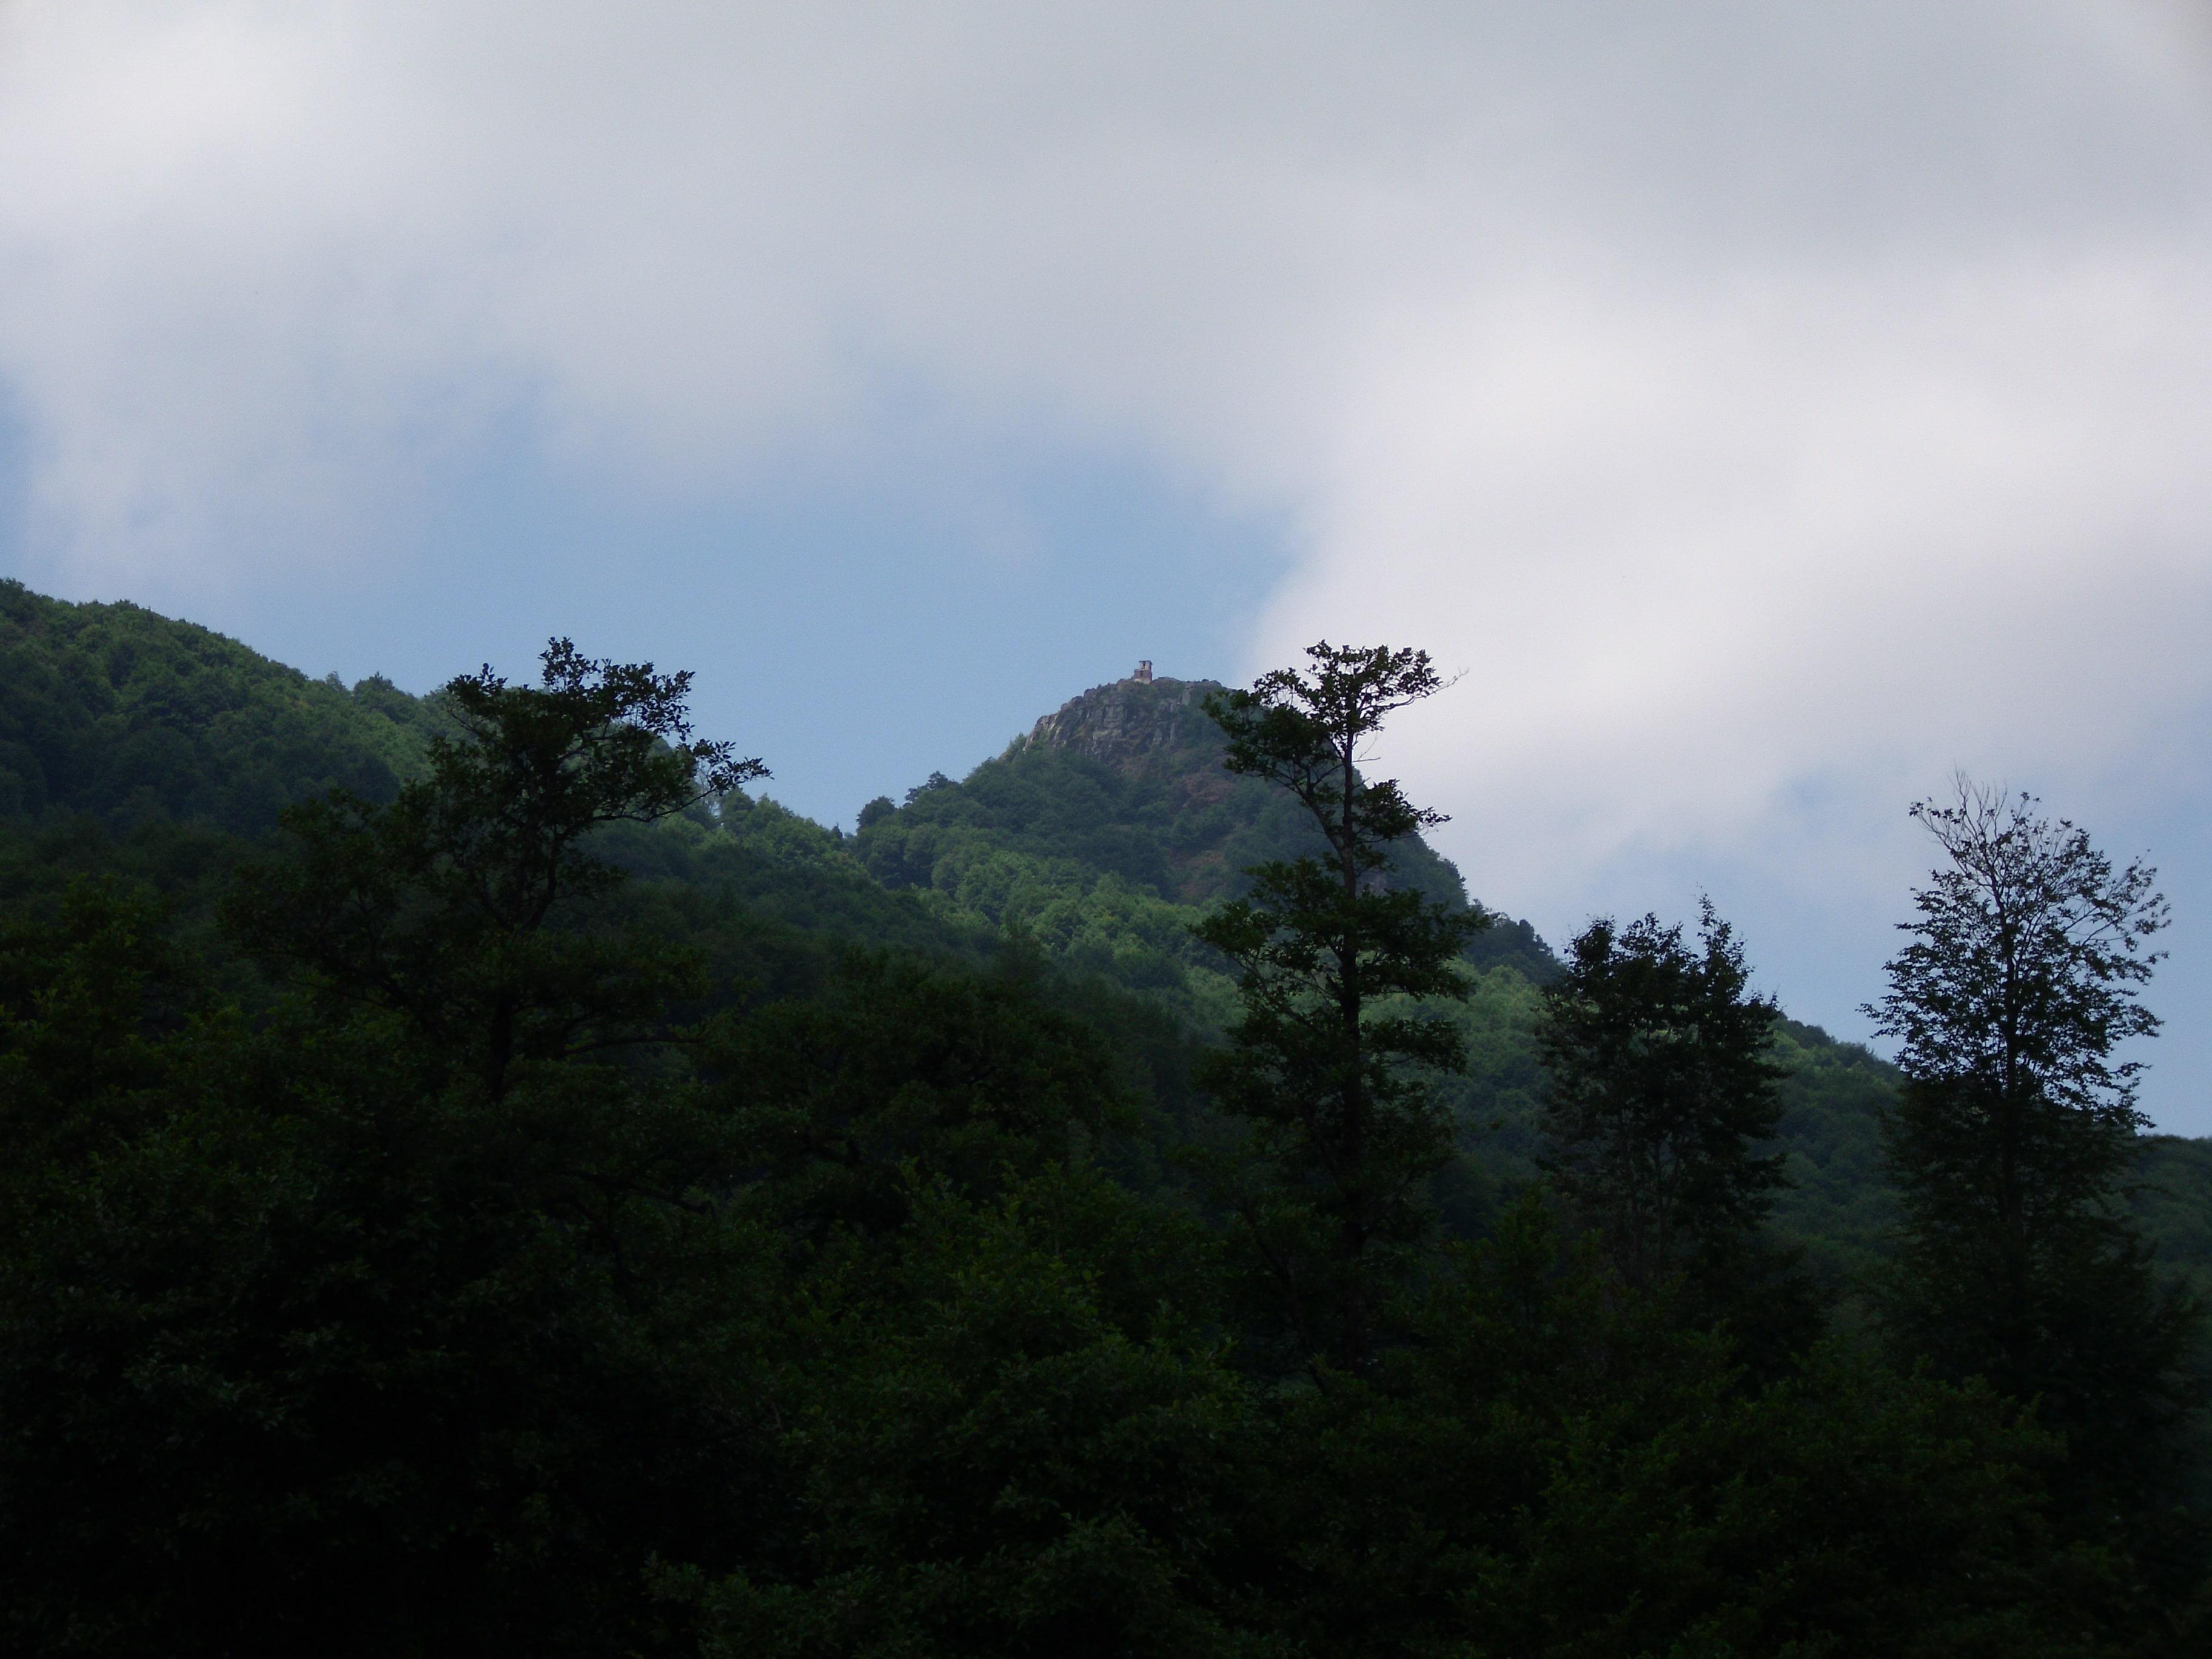 Nebiyan Yaylası ve Dağı 11 - Nebiyan Yaylası ve Dağı (11)